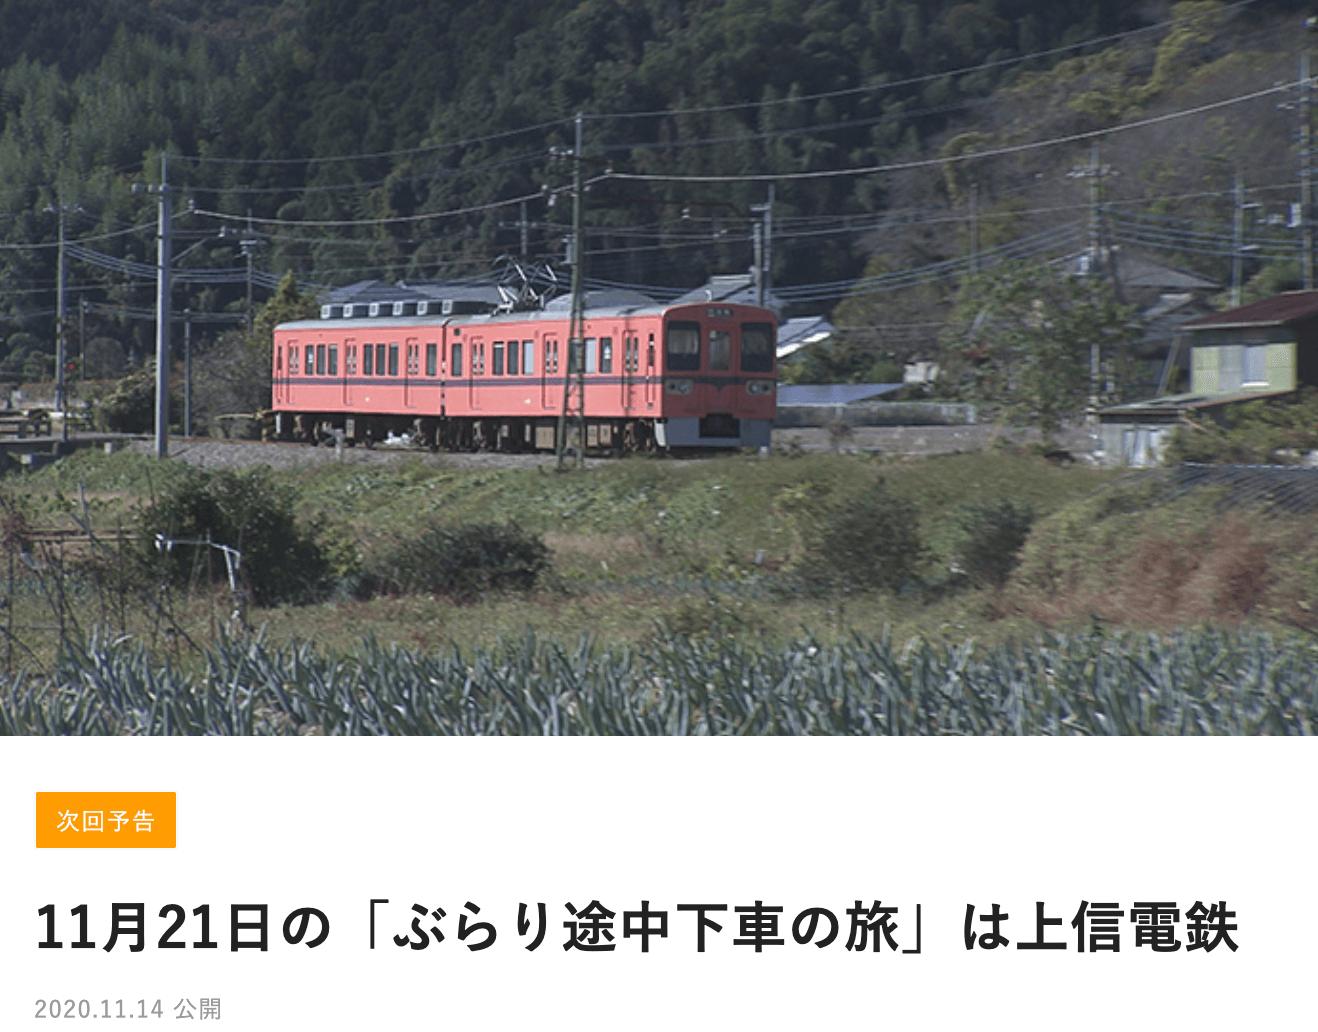 天国 ッ 放送 再 街 アド ク